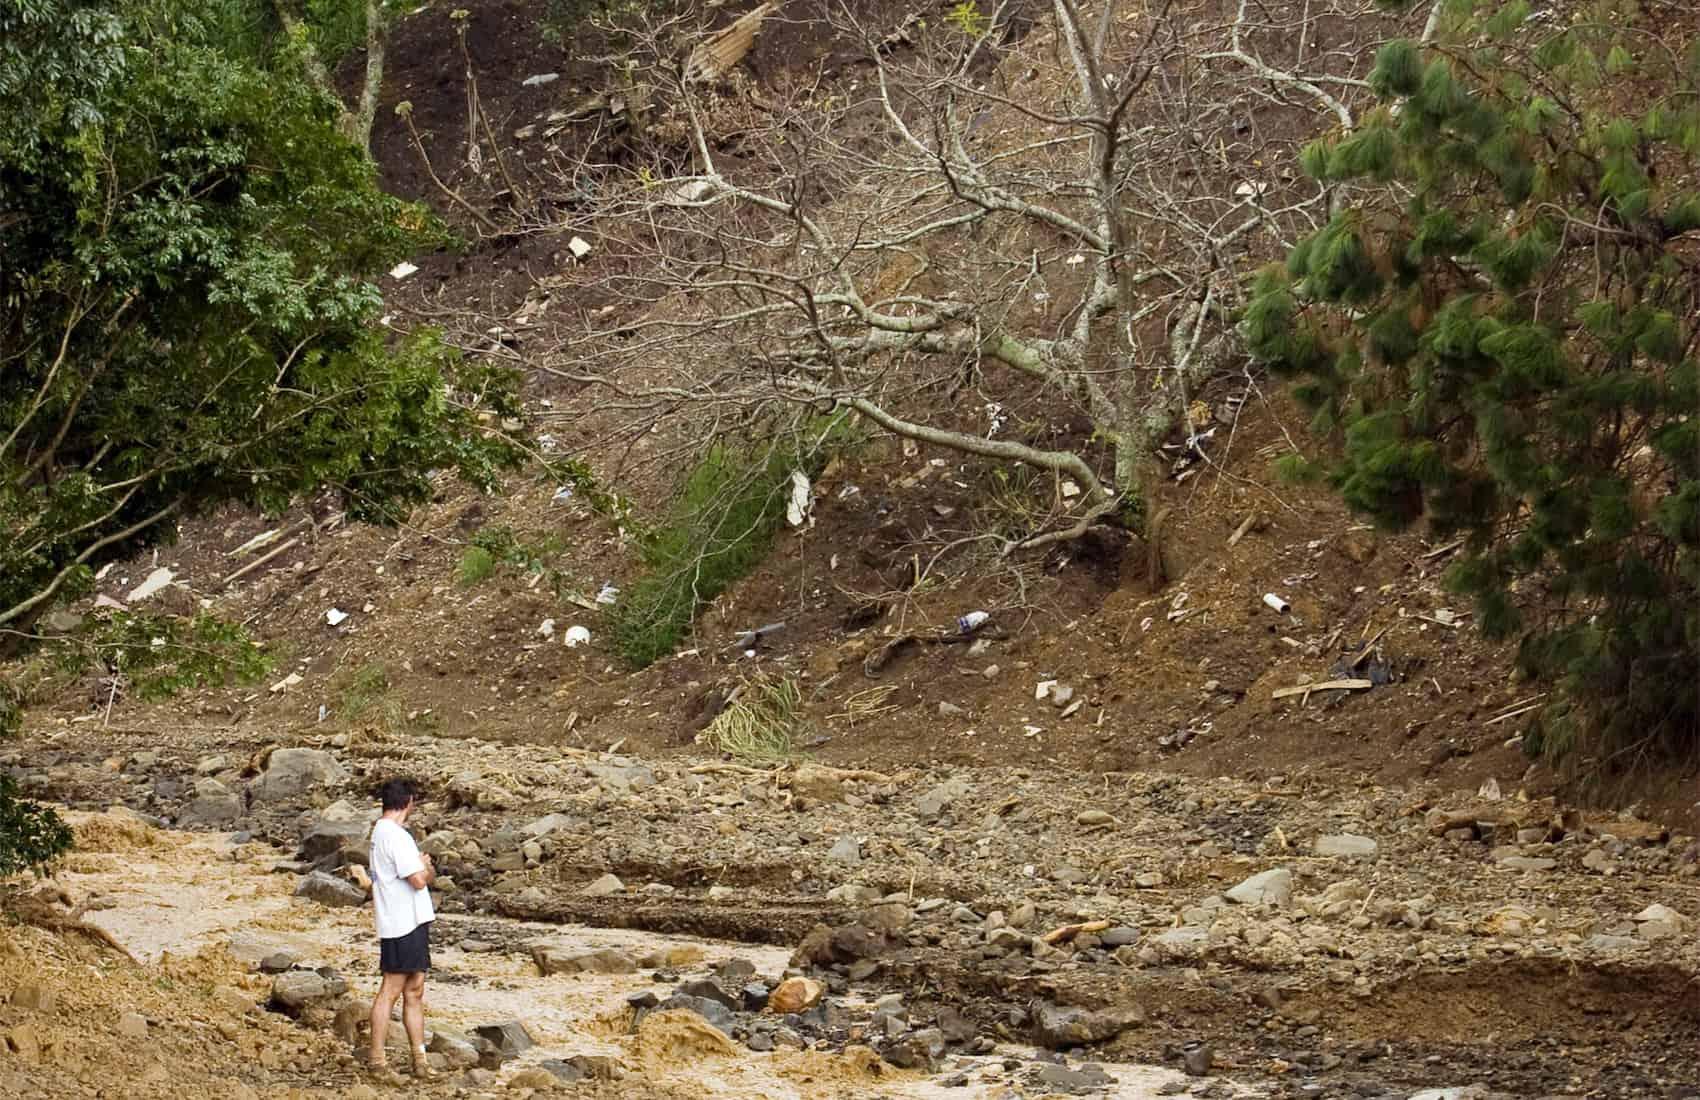 Landslides at Santa Ana